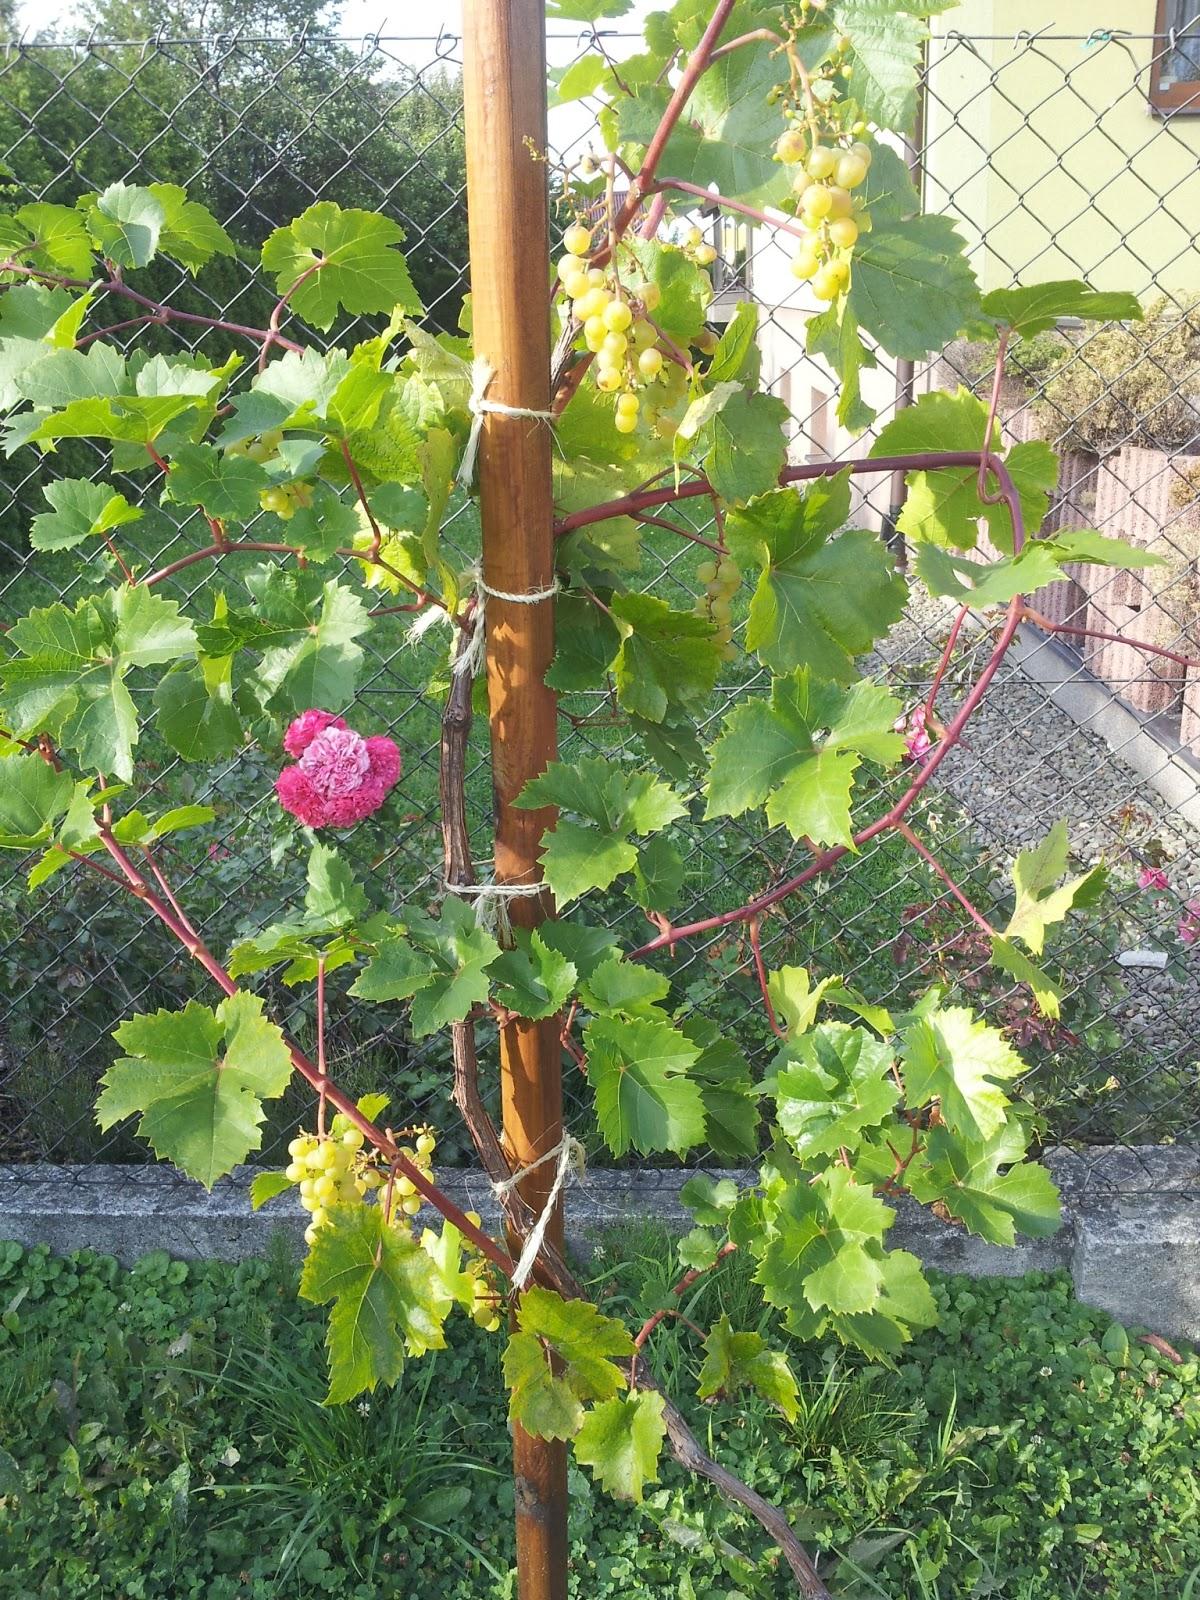 http://1.bp.blogspot.com/-ie9B-OvV65M/USFQ8ZiUKgI/AAAAAAAANdE/zdNX0zywPoA/s1600/wino-roza.jpg